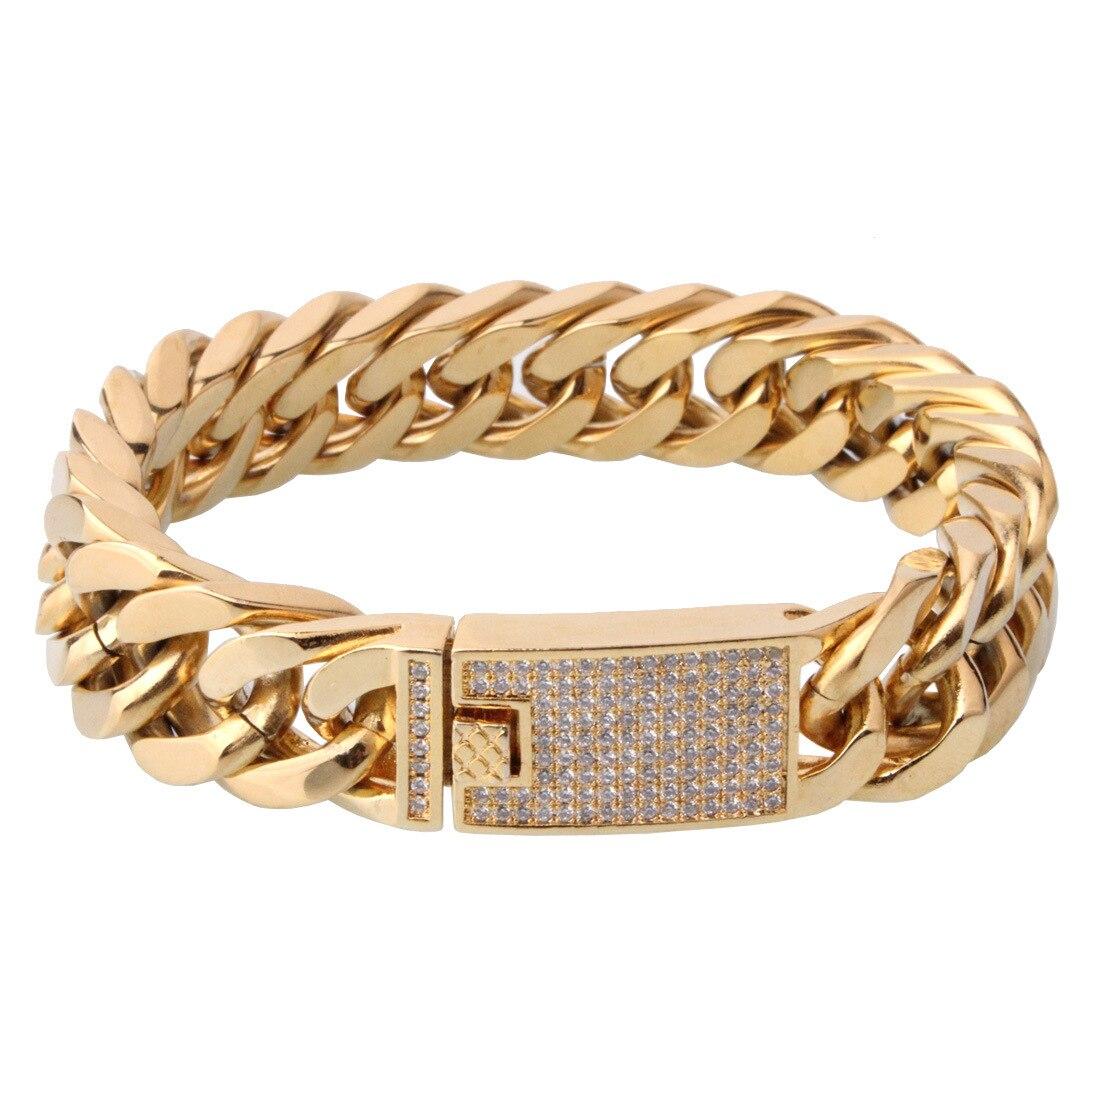 Bracelet Double boucle doré plaqué sous vide en acier inoxydable pour hommes chaîne cubaine initiale en Zircon arabe islamique personnalisée